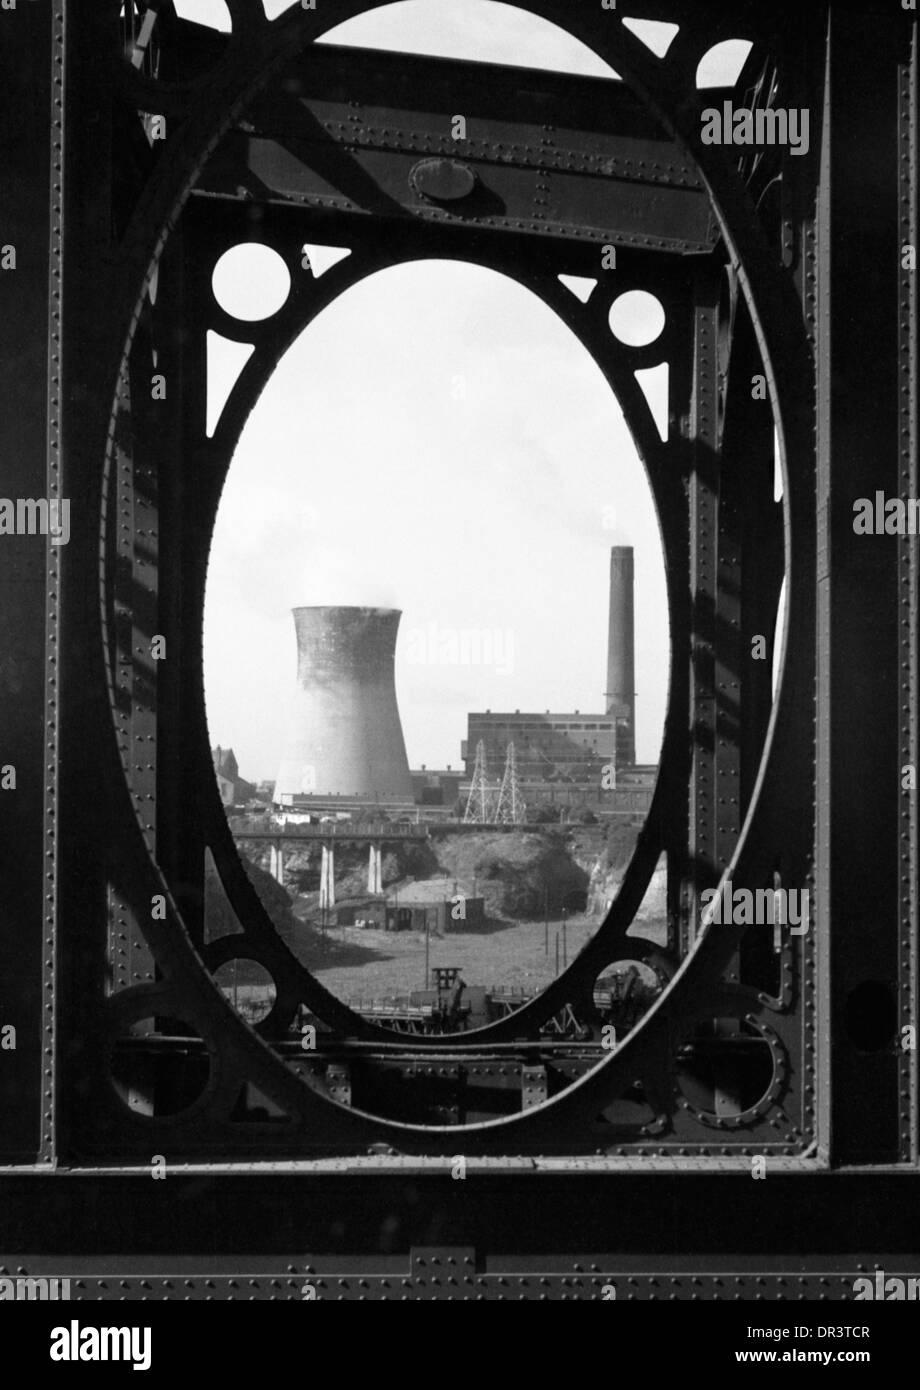 Old photos of sunderland uk